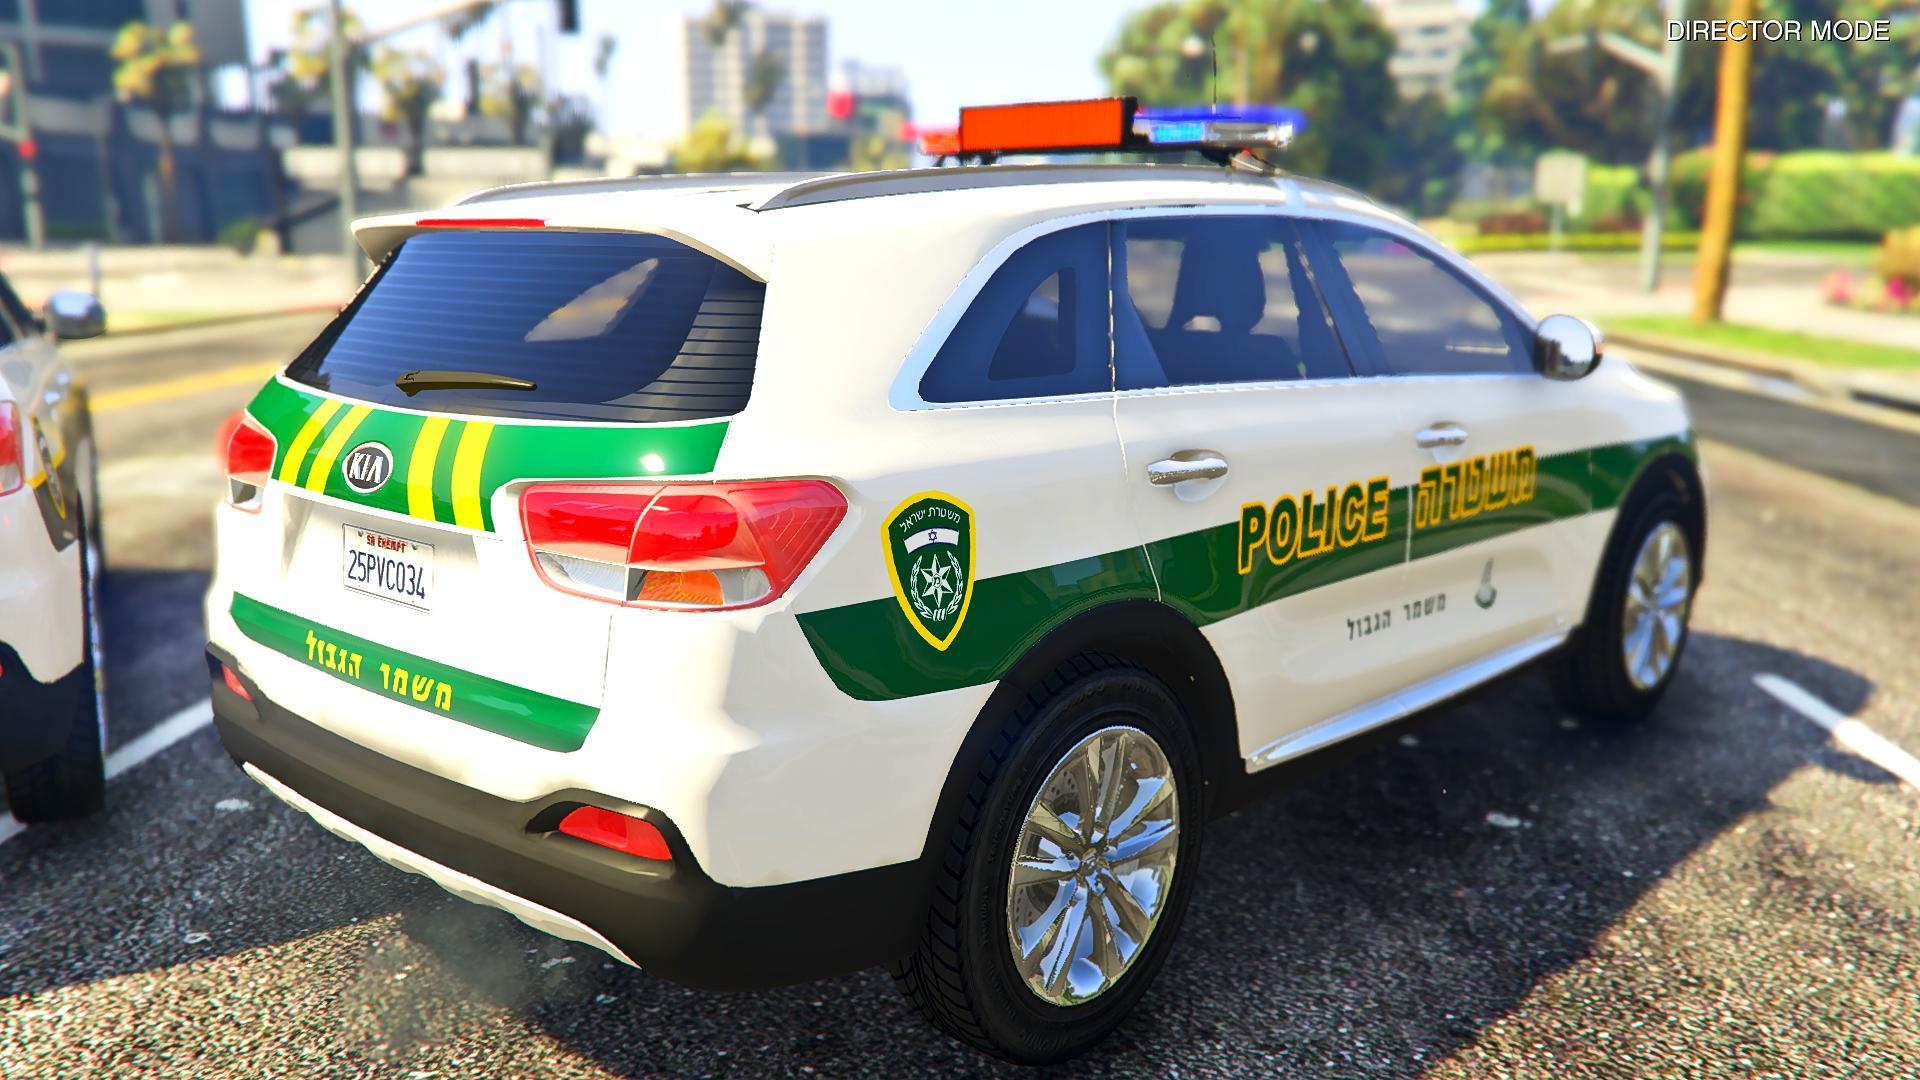 ברצינות Kia Sorento UM 2015 | Israeli Police livery + Israeli Border NB-72